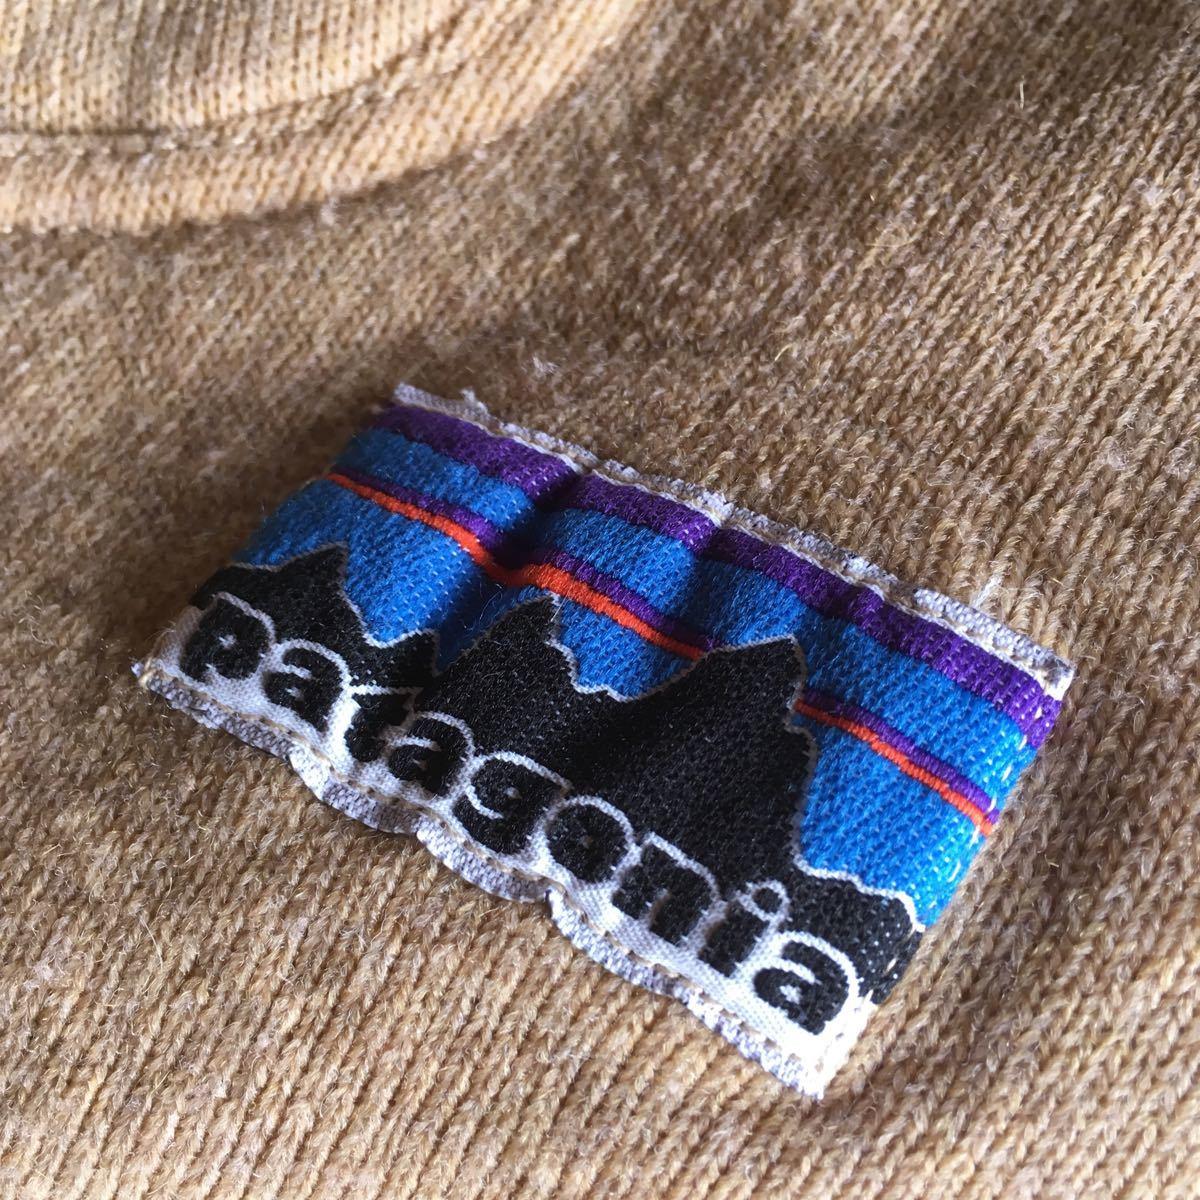 70s patagonia 白タグ パイル プルオーバー ジャケット ビンテージ オリジナル デカタグ vintage YKK / レトロ mars シュイナード サーフ_画像3